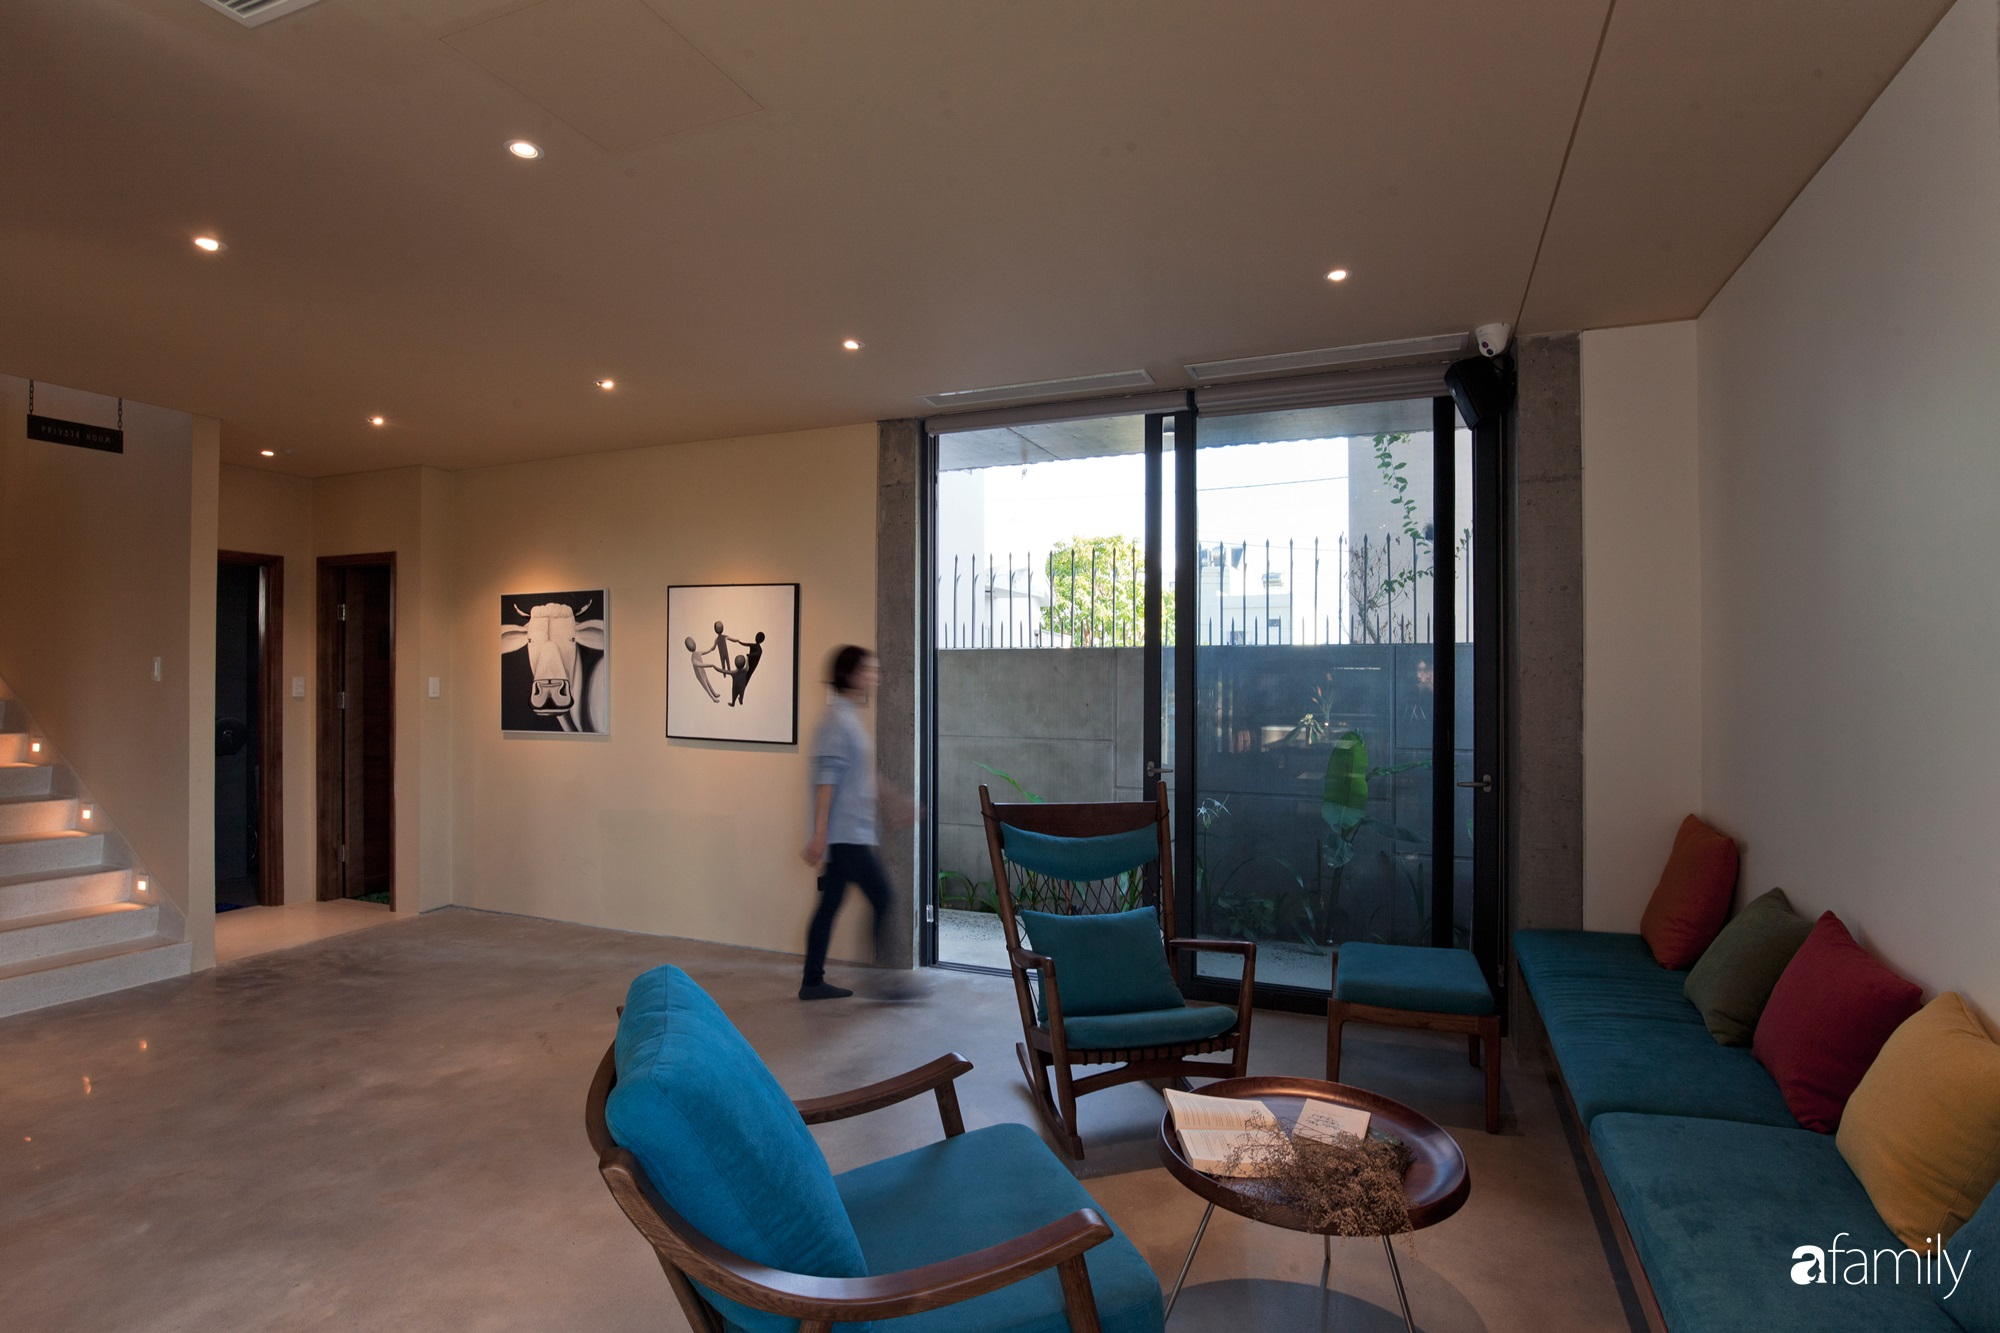 Nhà vườn mái tranh rộng 200m² với đủ tiện nghi hiện đại nổi bật giữa phố thị Hội An có chi phí xây dựng 2,1 tỷ đồng - Ảnh 16.